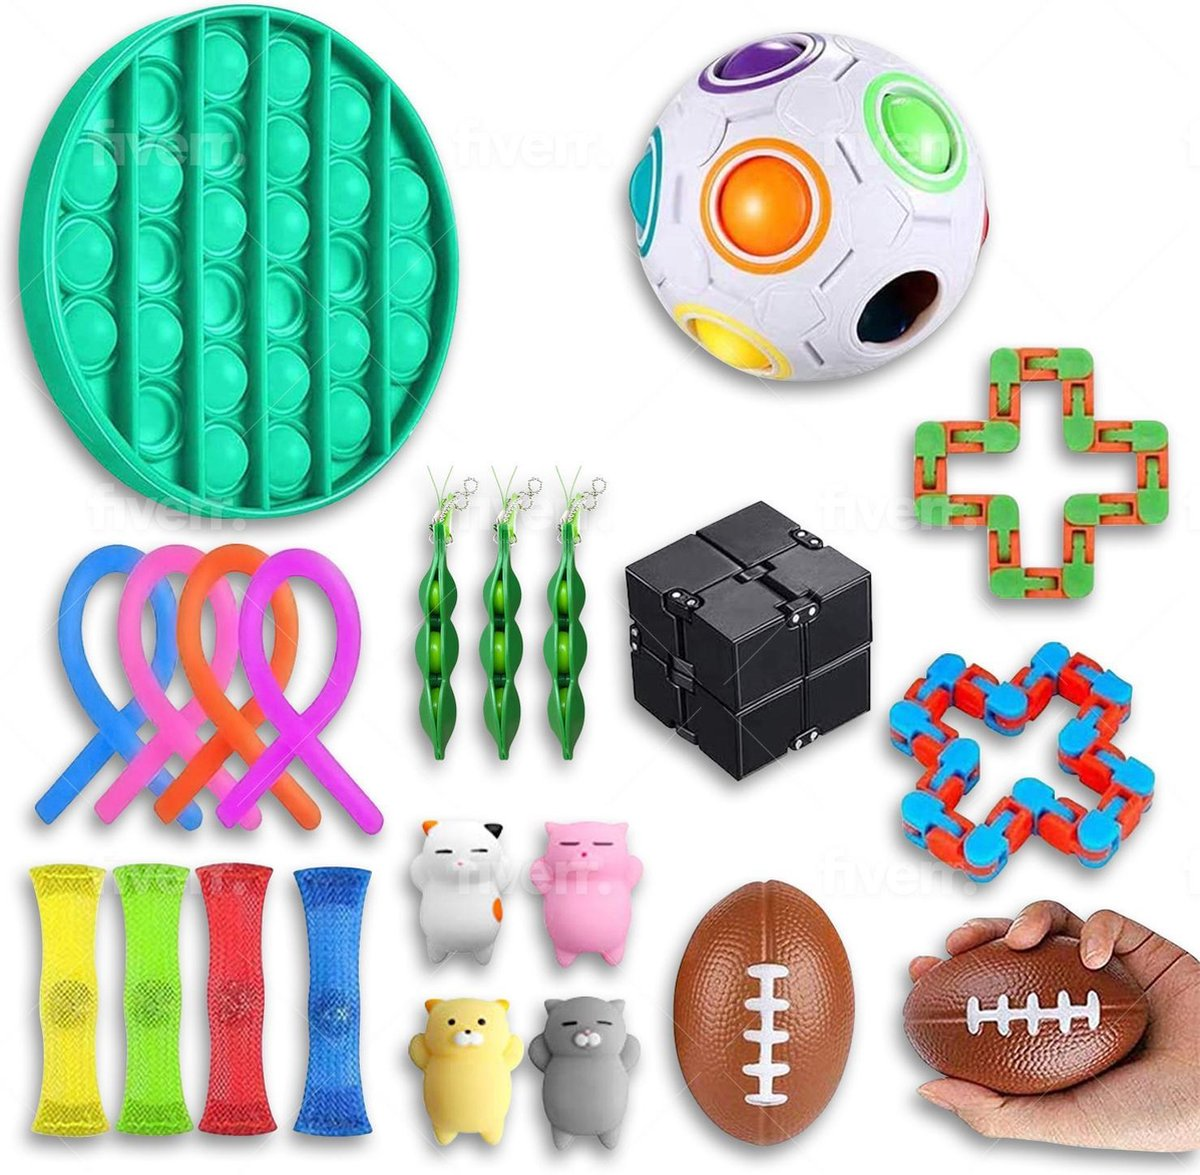 Fidget toys pakket - 20 stuks